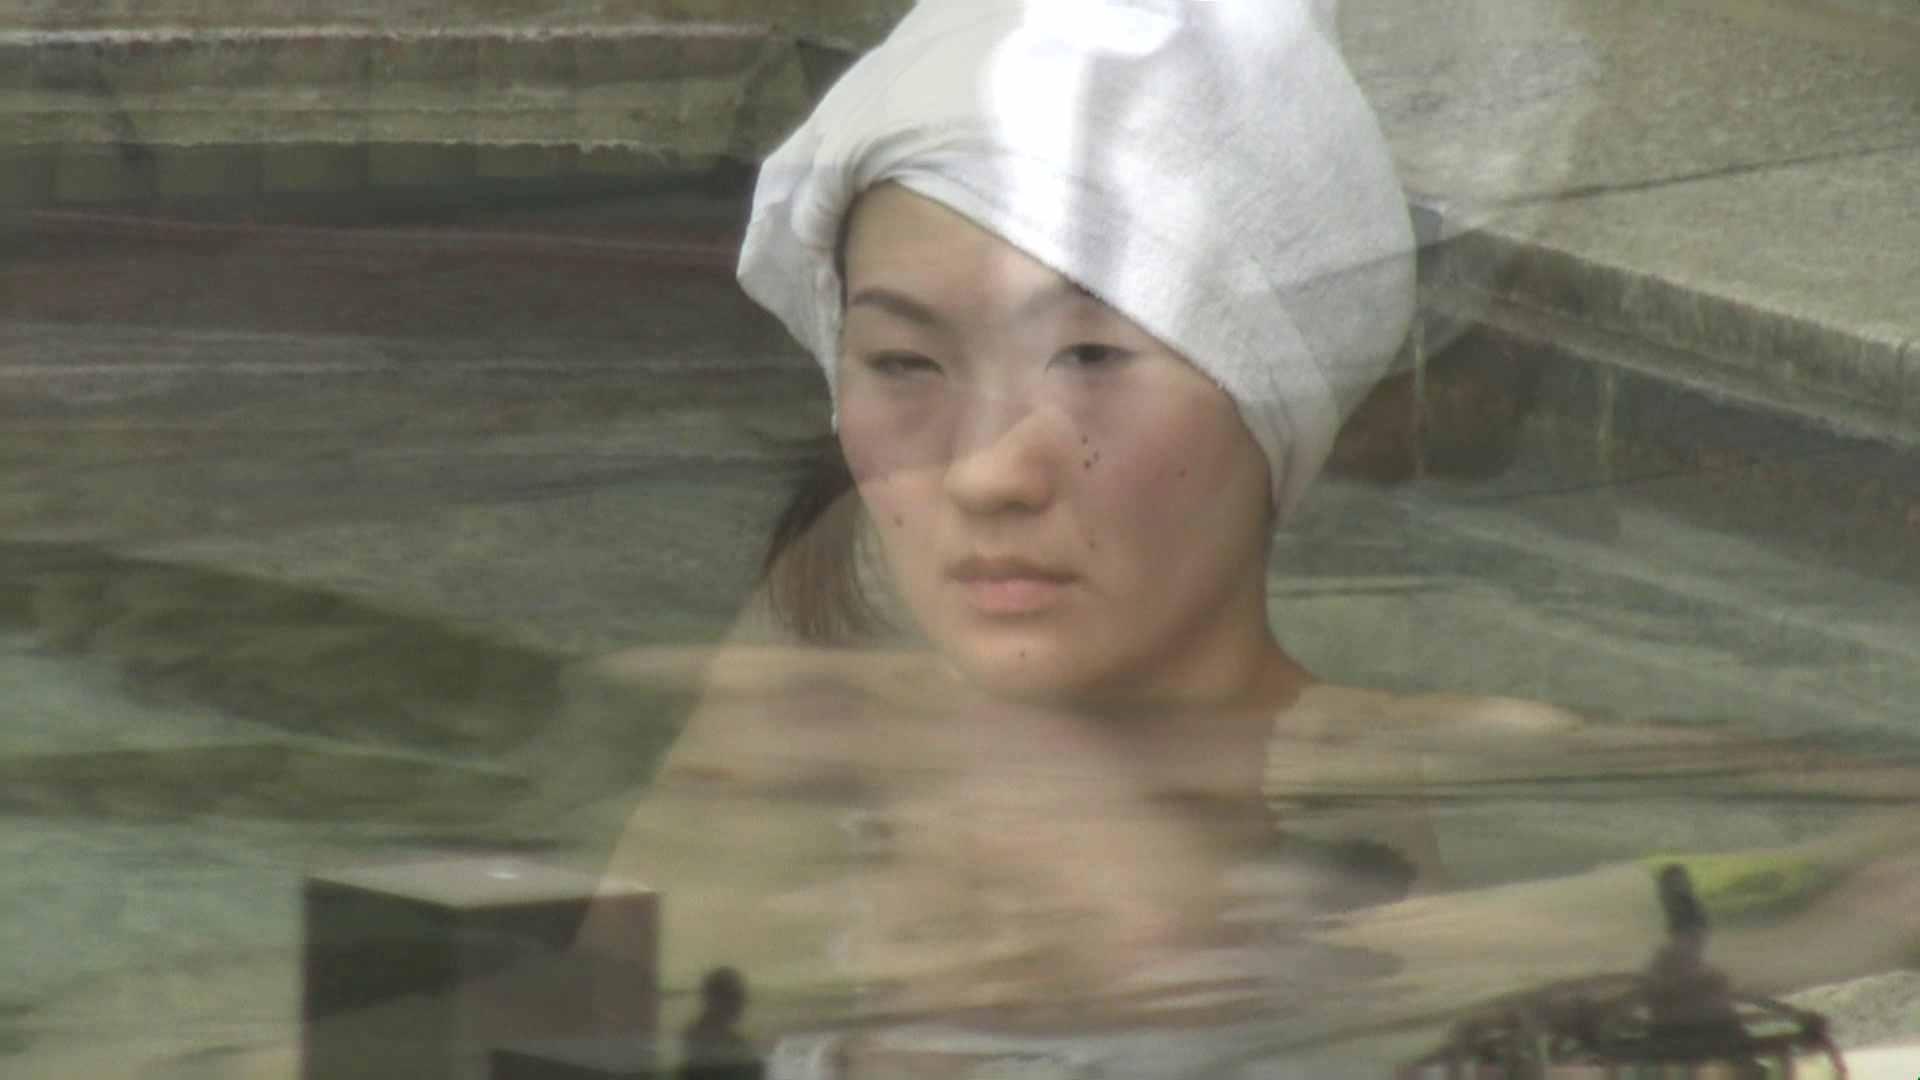 高画質露天女風呂観察 vol.034 入浴隠し撮り ヌード画像 107pic 54